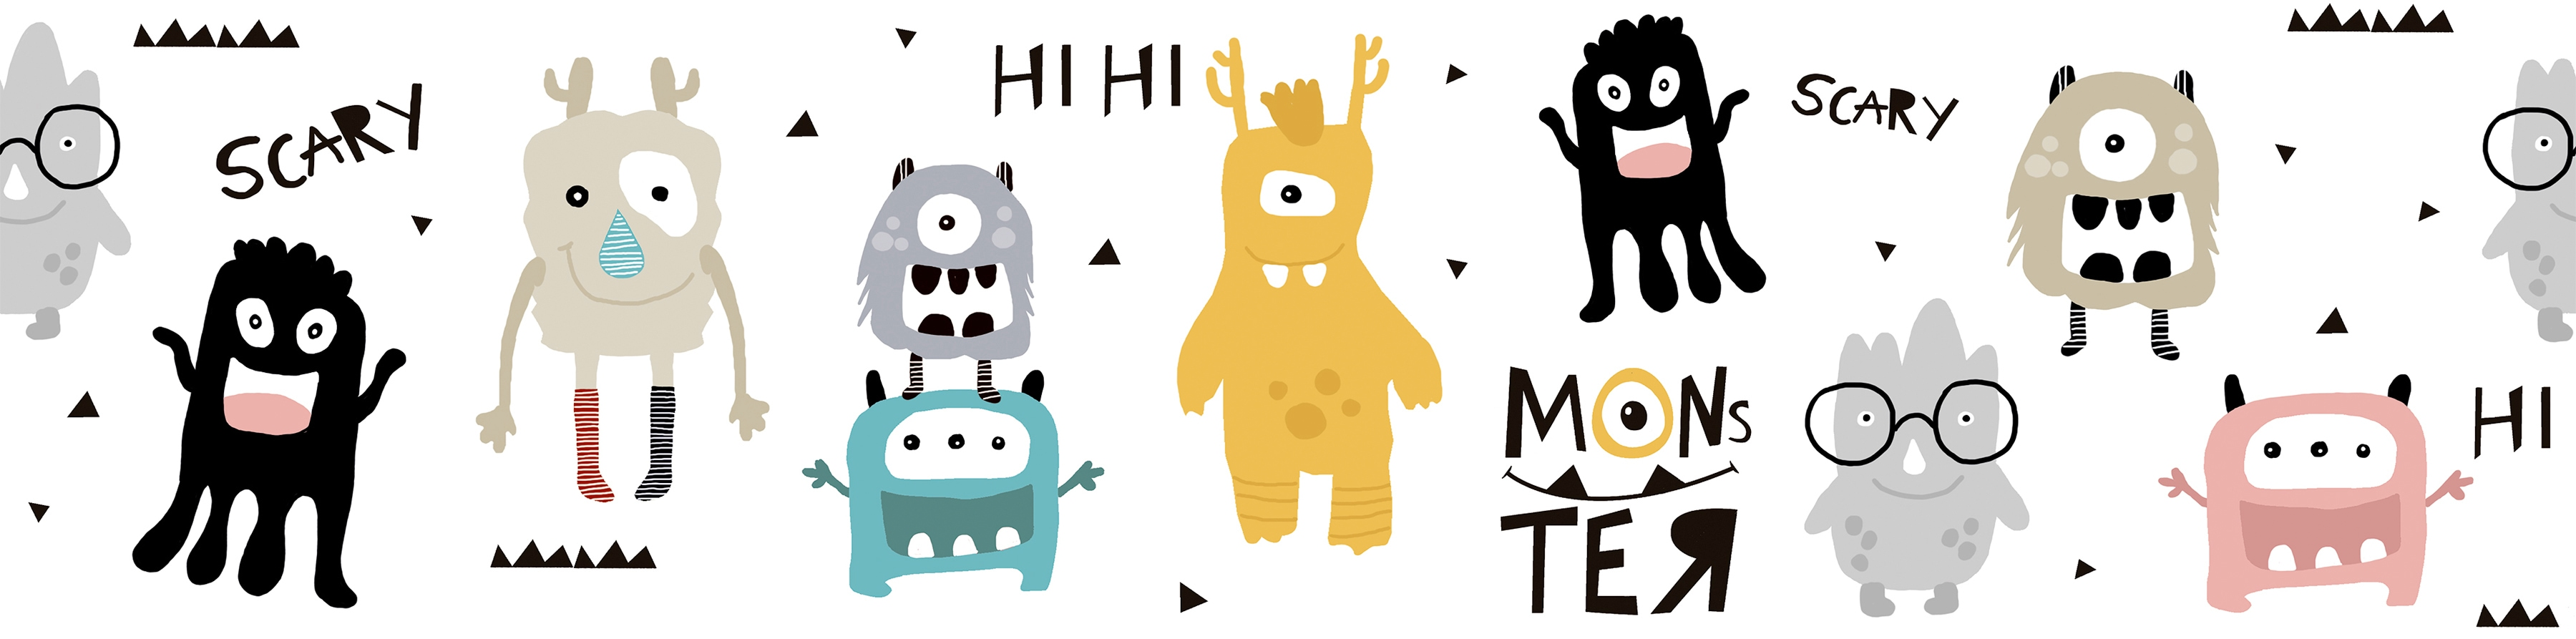 Bordüre »Monster Party«, für Baby- und Kinderzimmer, selbstklebend, PVC-frei   Baumarkt > Wand und Decke > Bordüren   A.S. Création